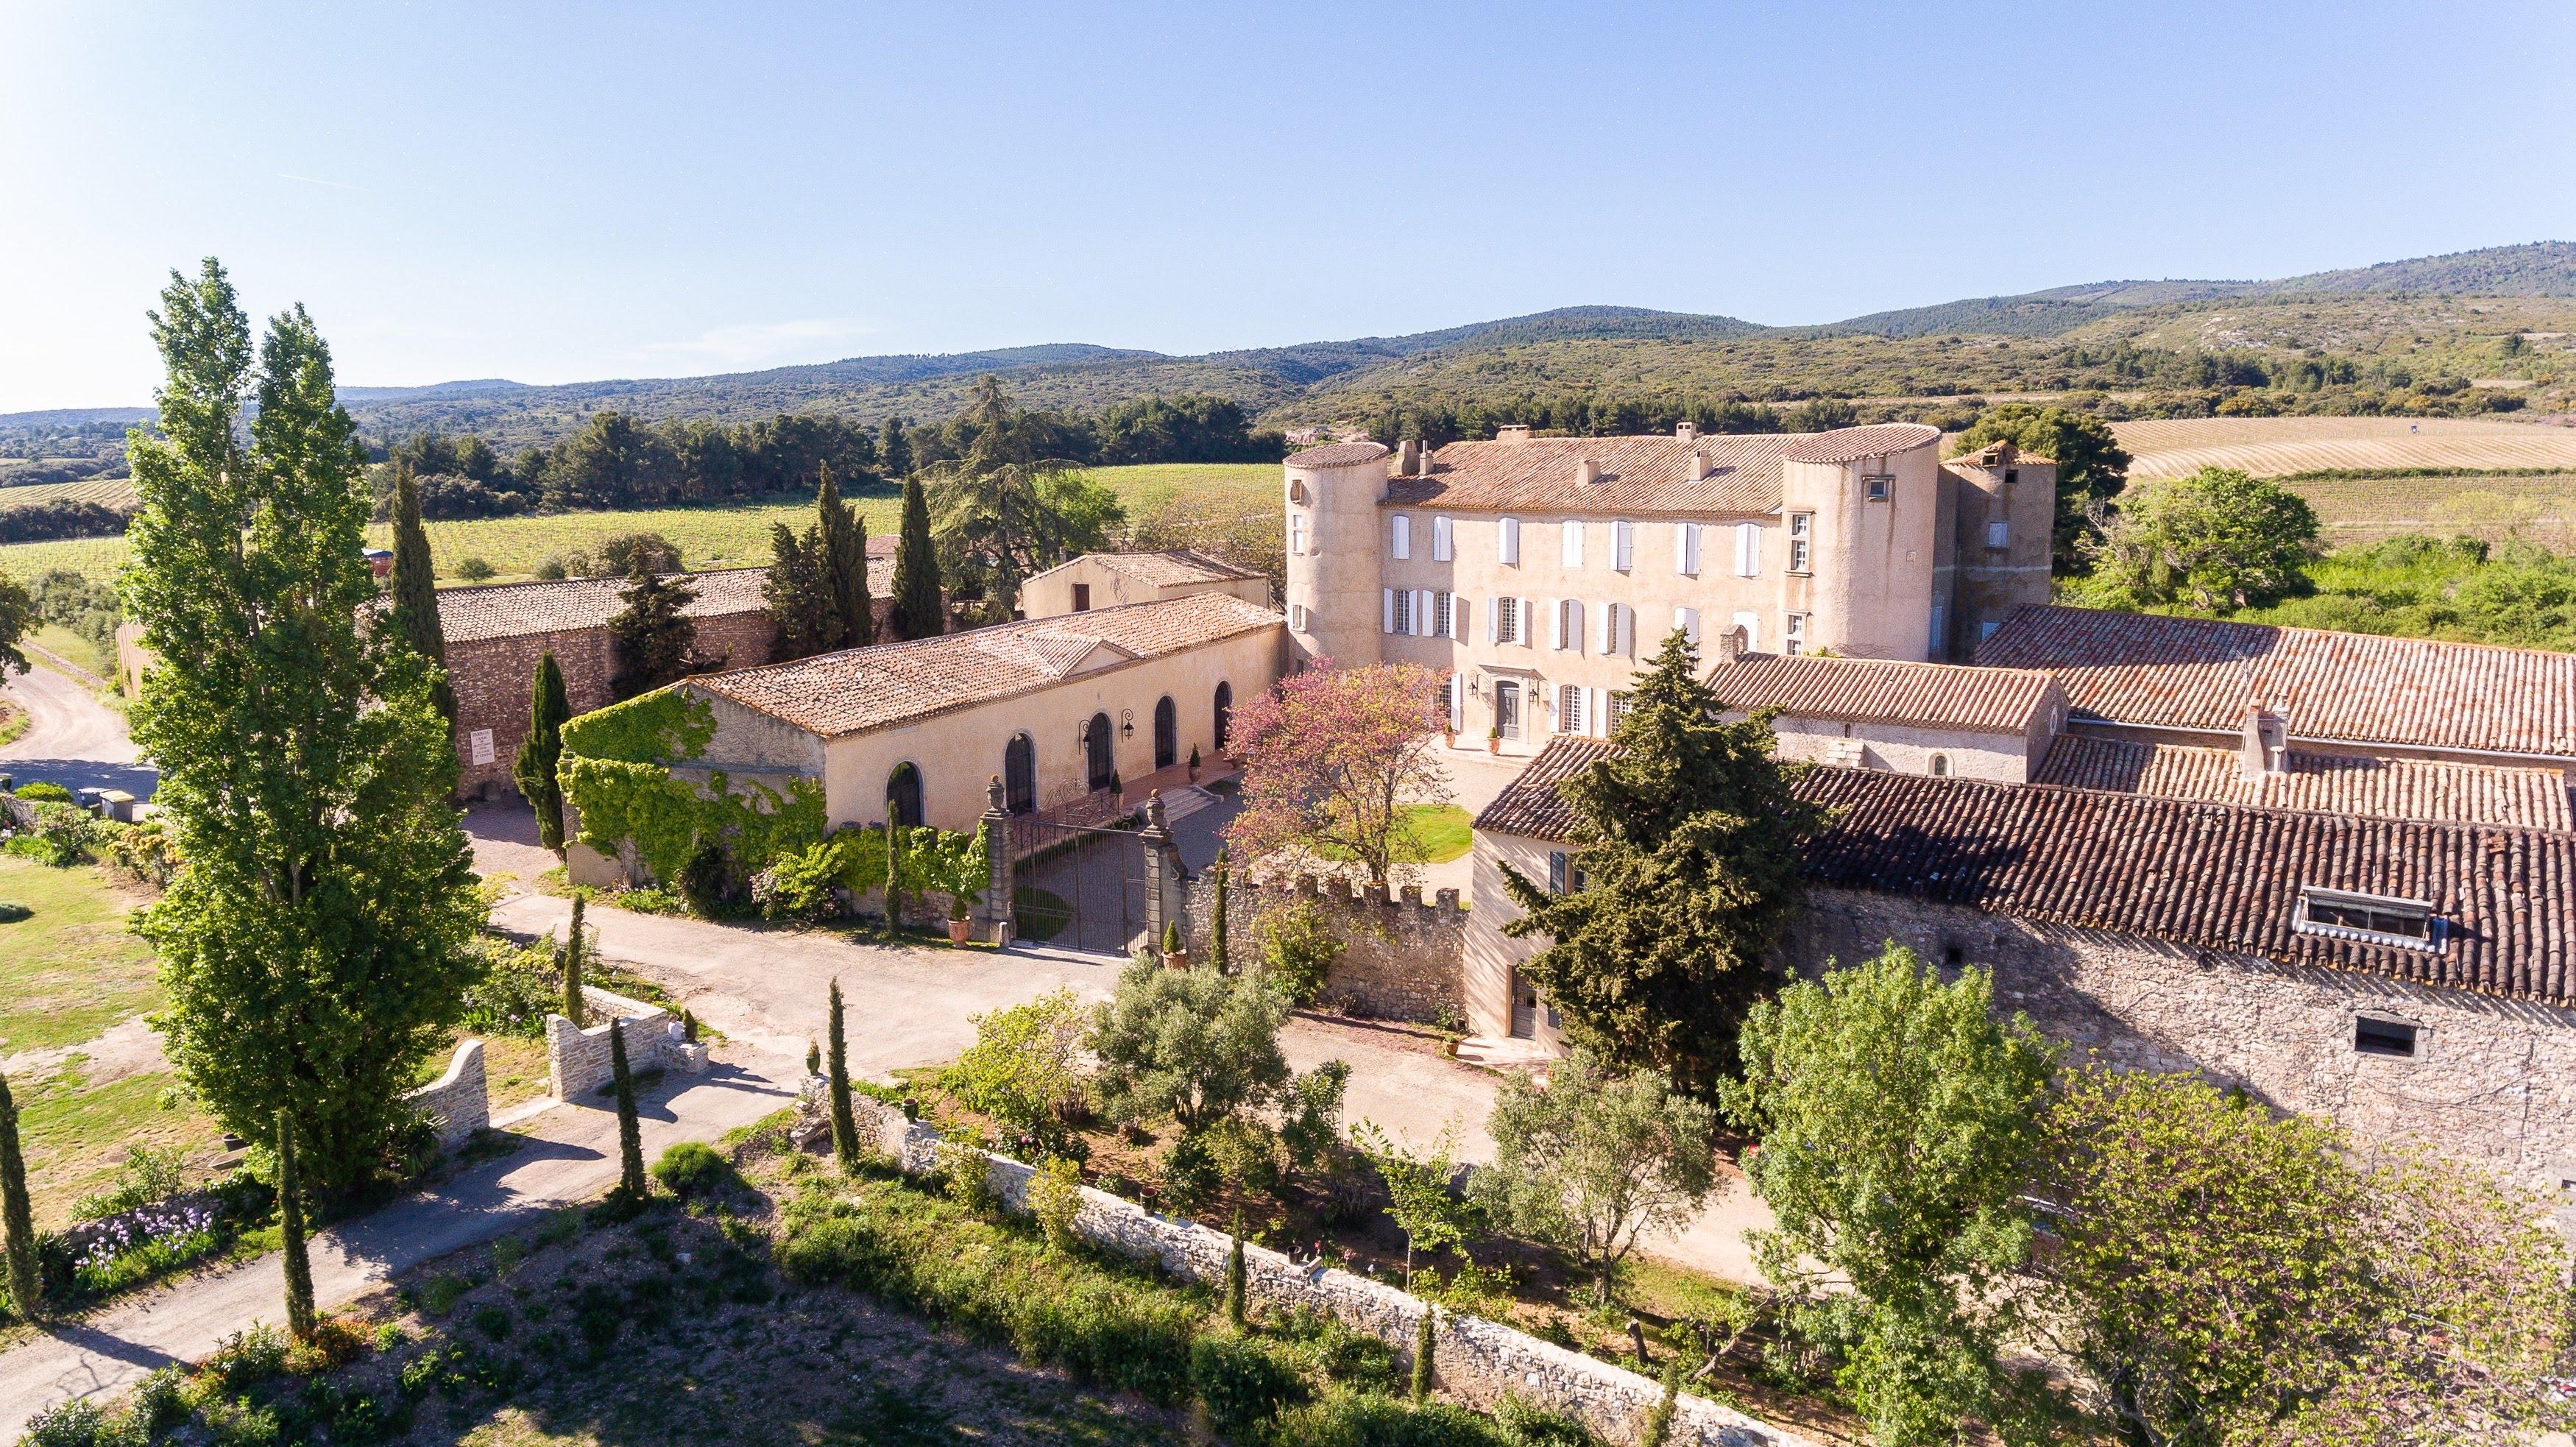 Chateau Villerambert Julien La Chapelle Blanc,AOC Languedoc 朗格多克-魯西榮,Owner Michael Julien